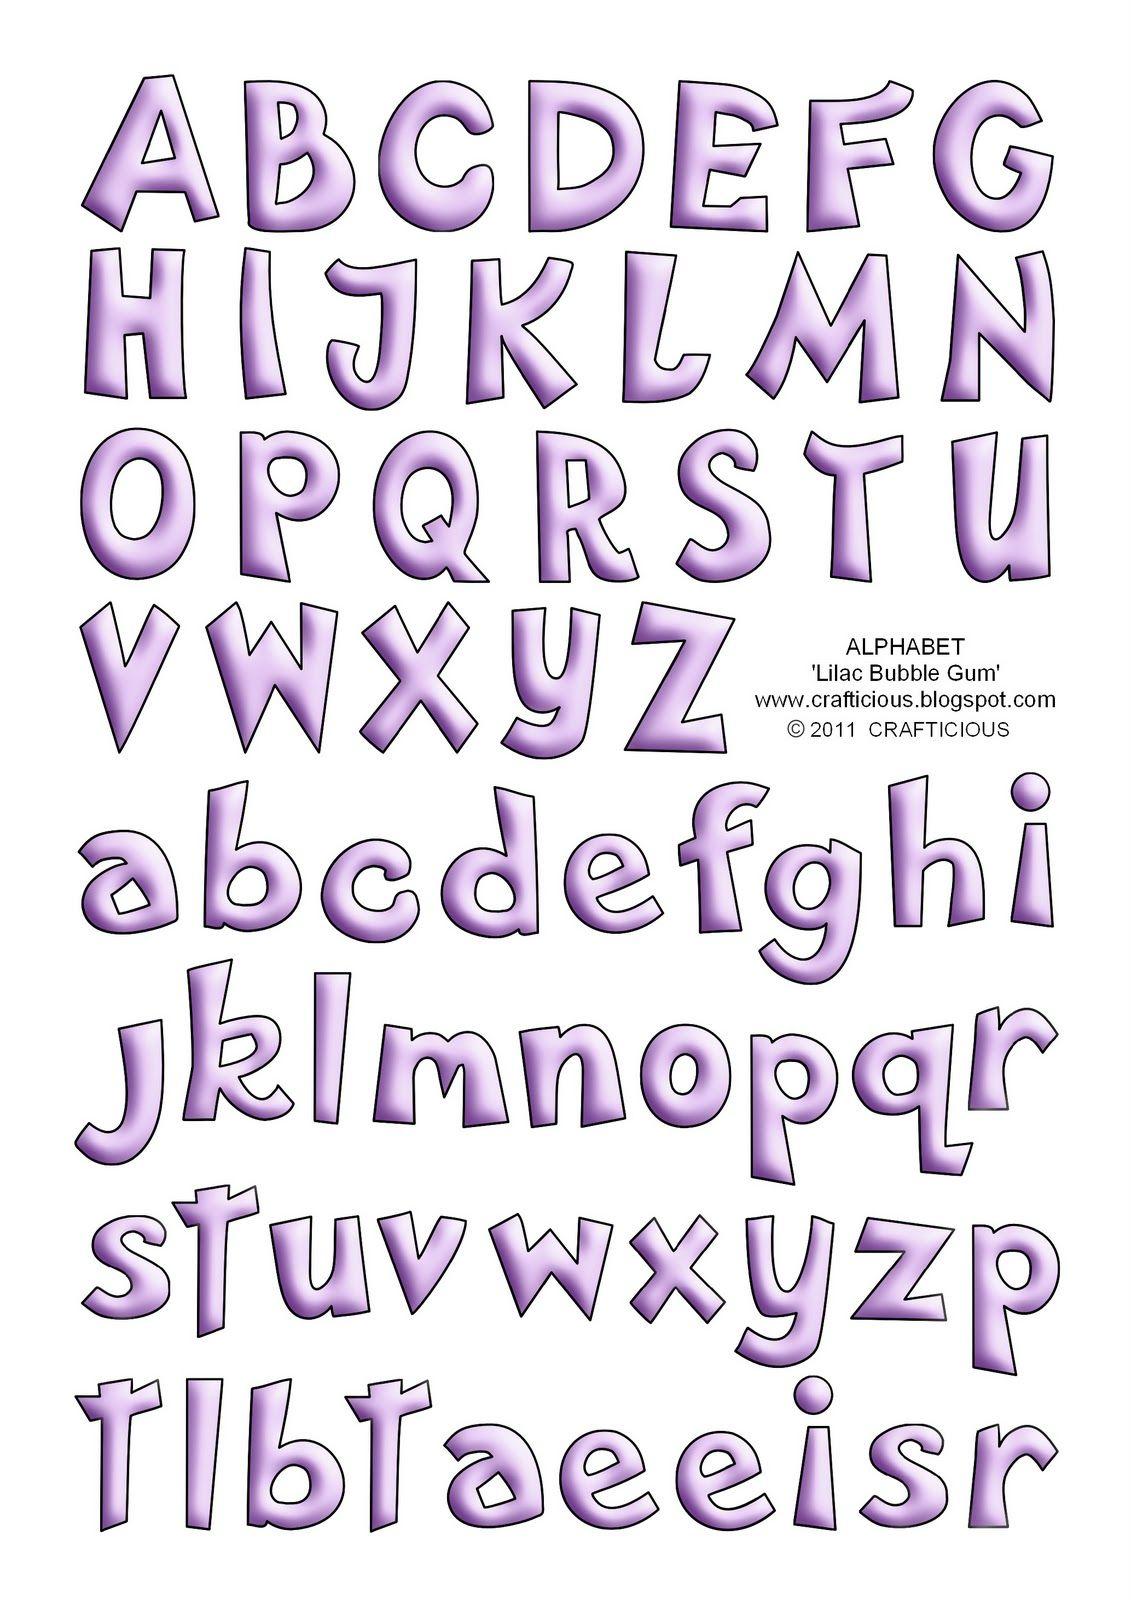 Alphabet Sheets 'Bubble Gum' Blue & Lilac Lettering